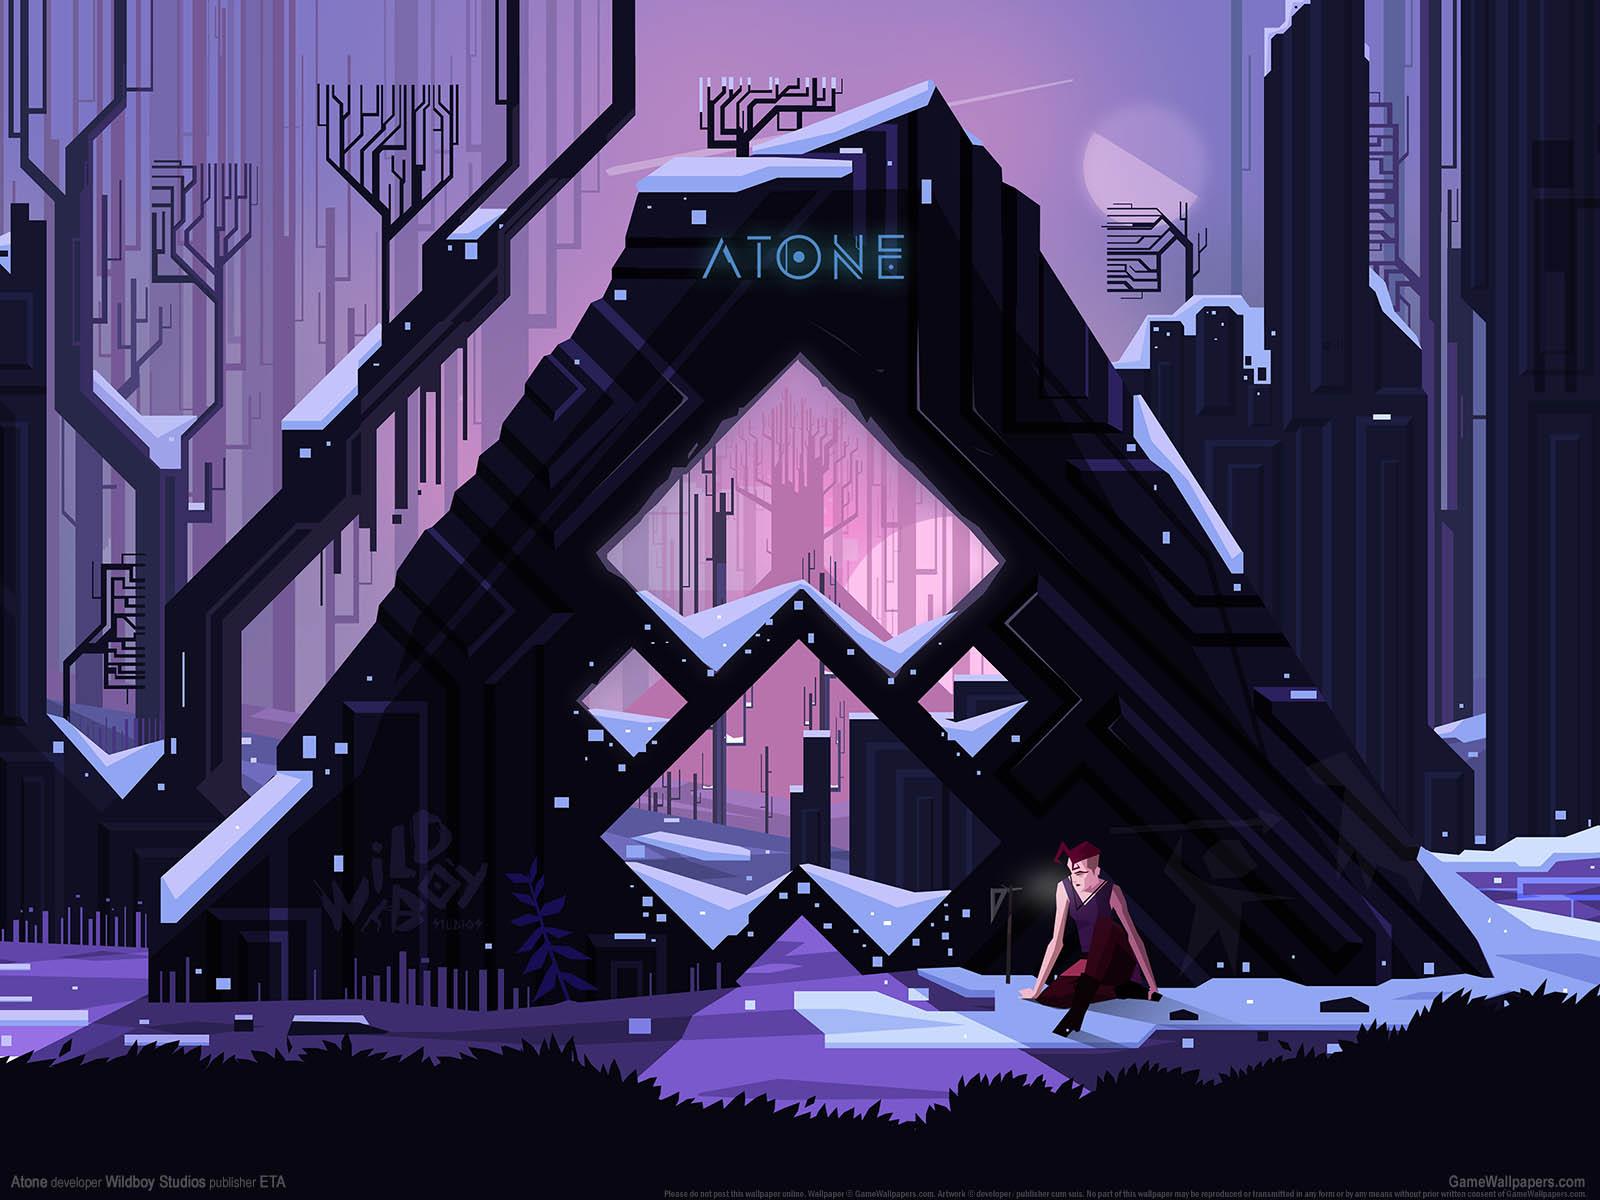 Atoneνmmer=01 Hintergrundbild  1600x1200